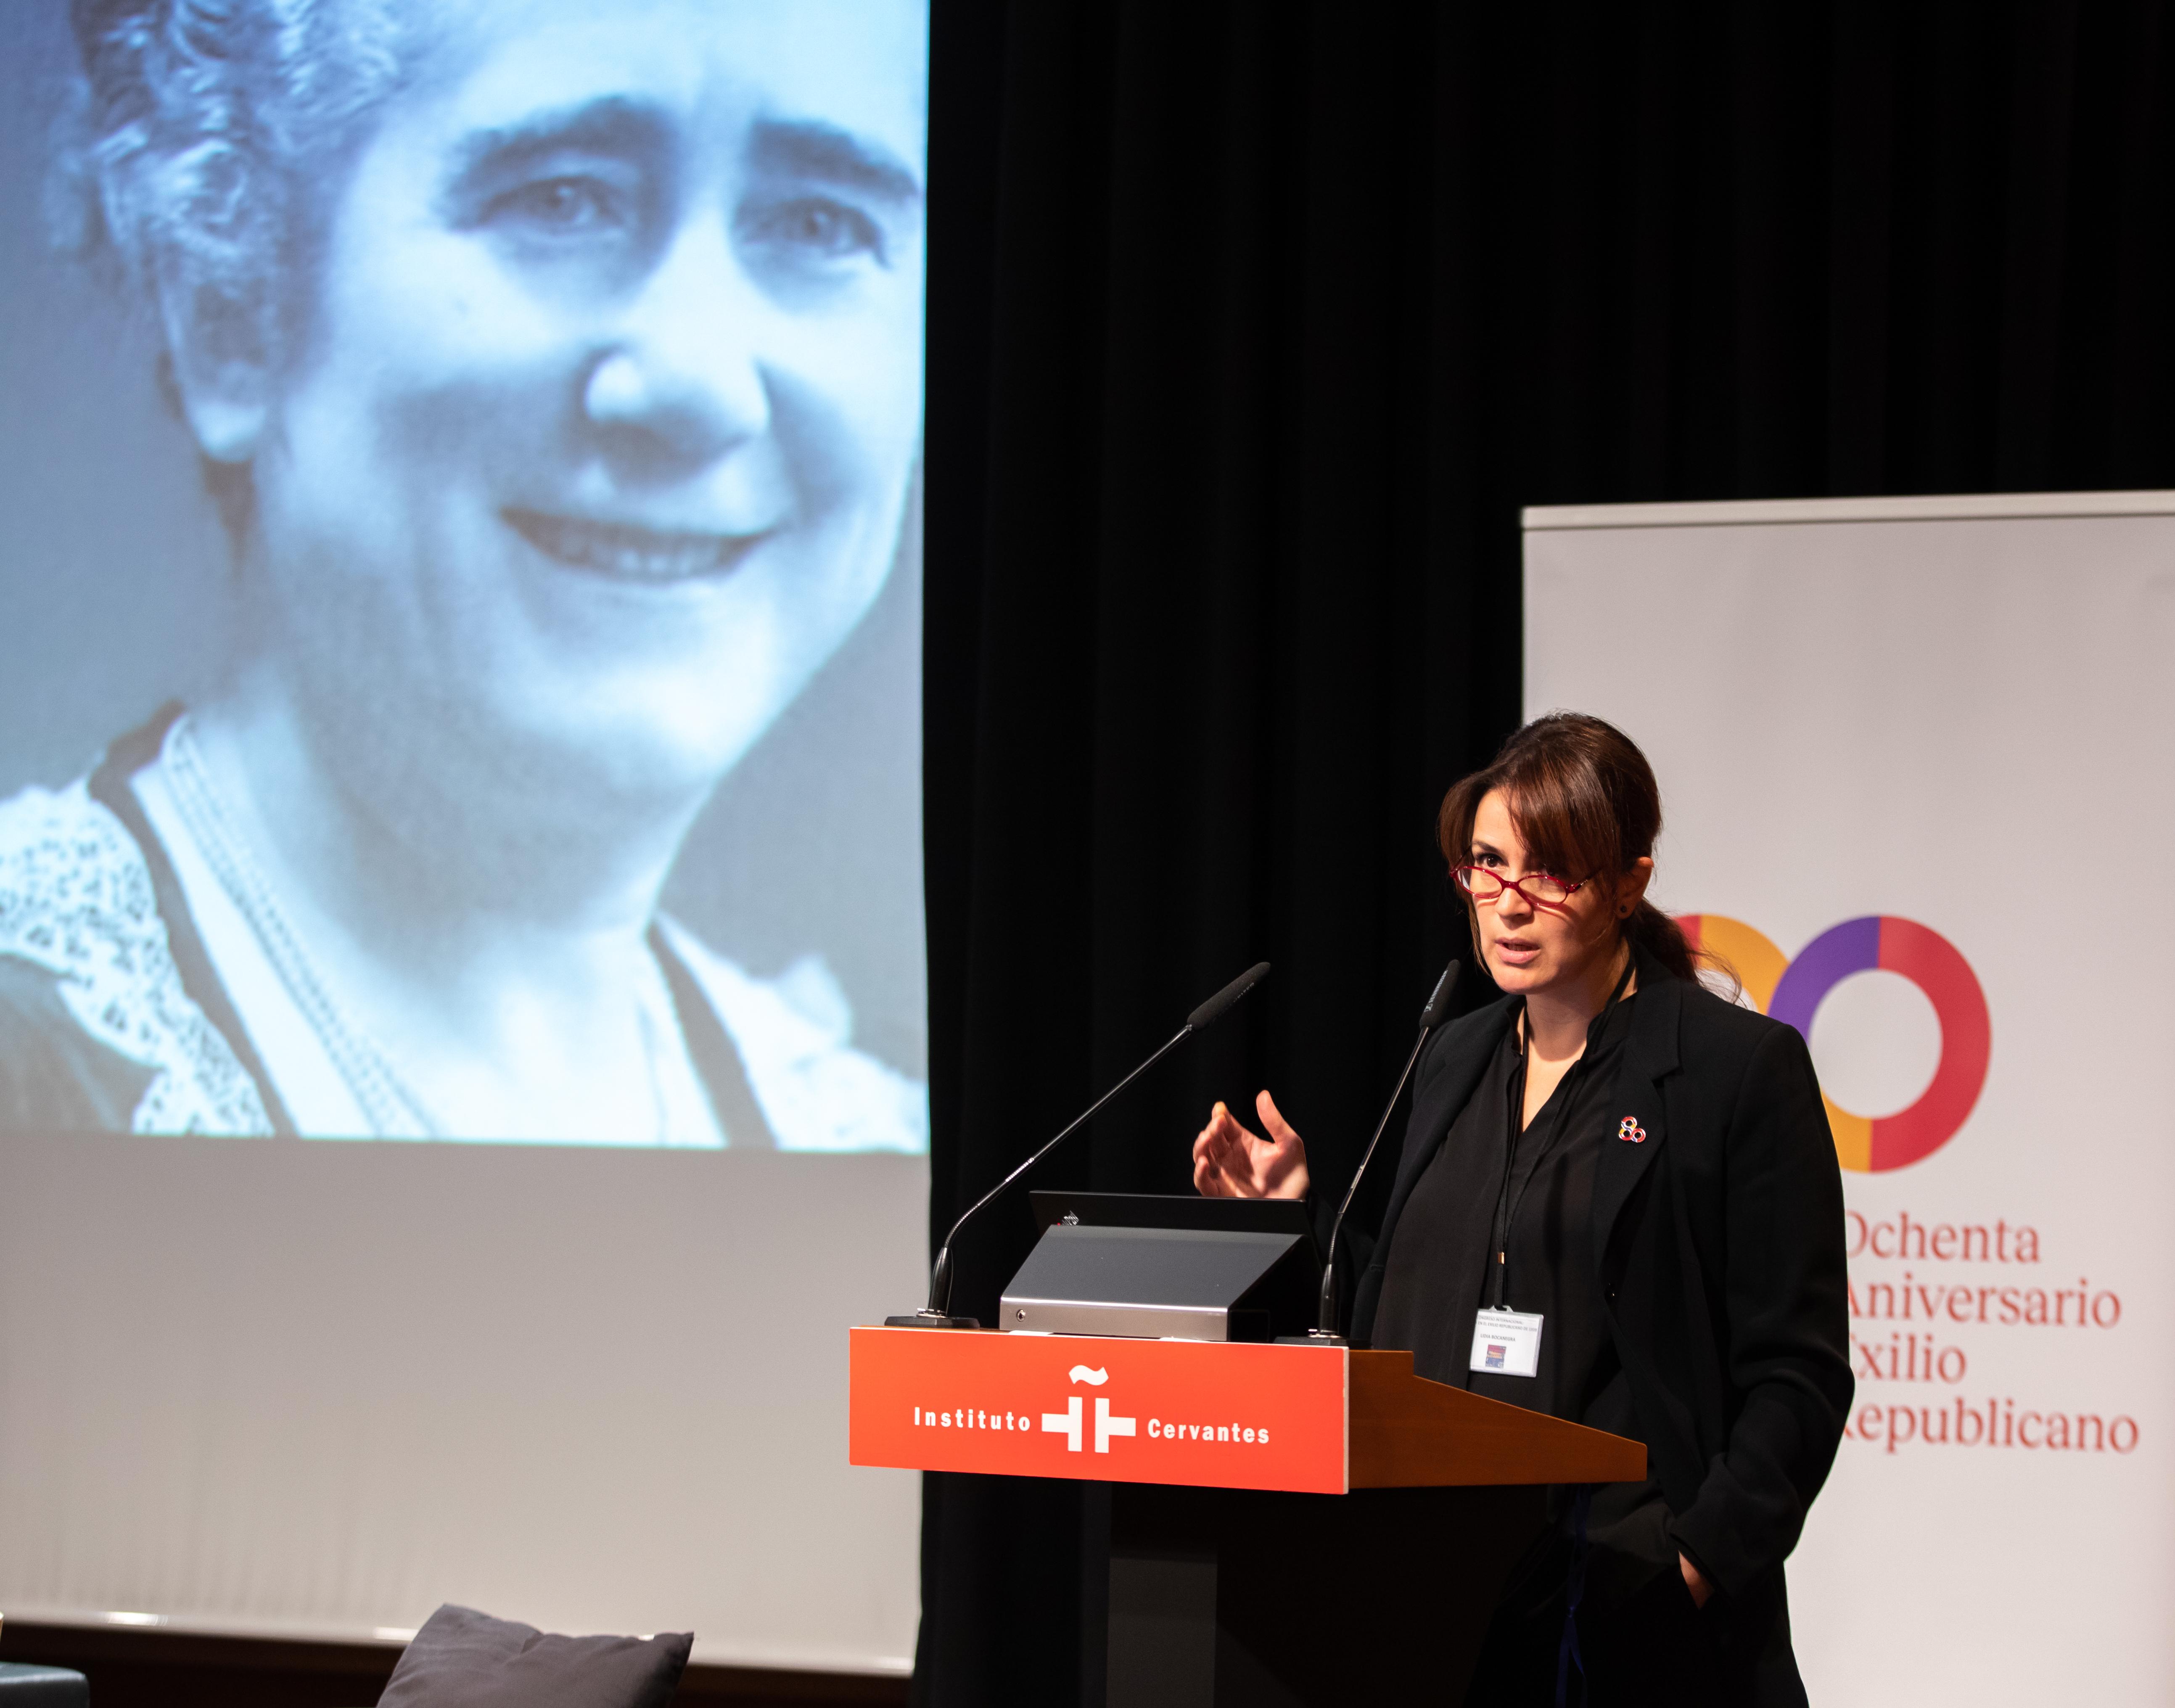 Un proyecto de la UGR gana el premio Humanidades Digitales Hispánicas 2020 a la mejor participación y presencia en redes sociales